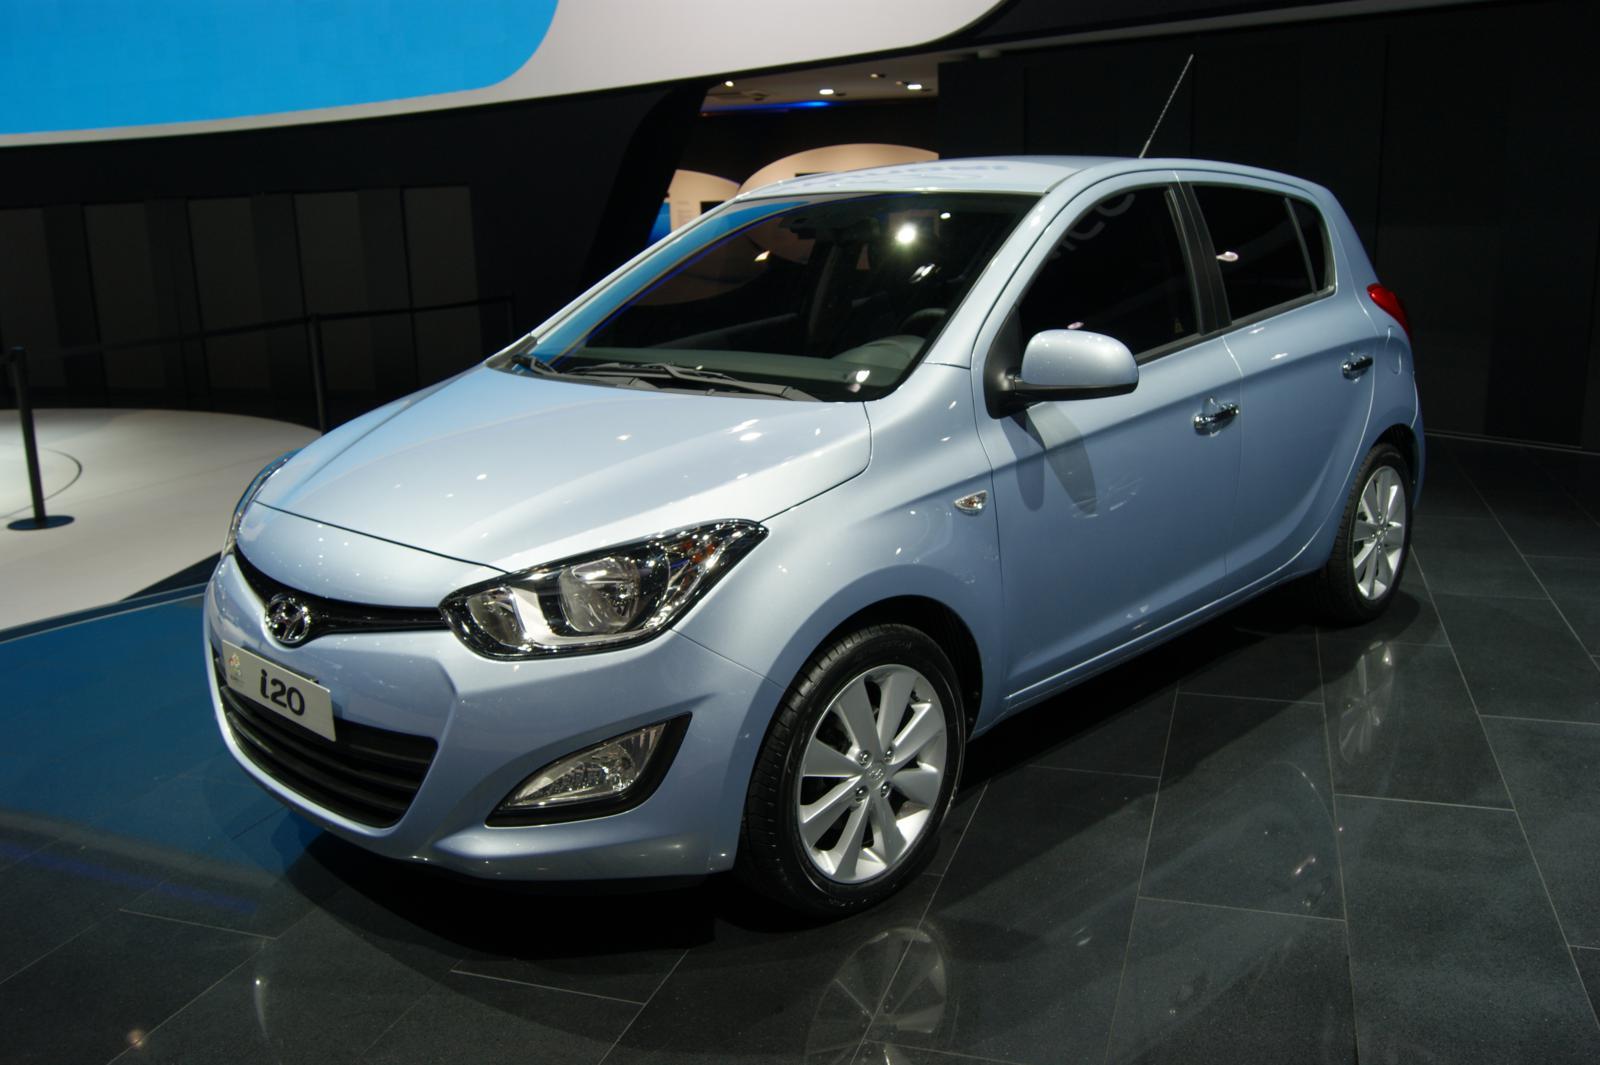 Hyundai Full Size Cars